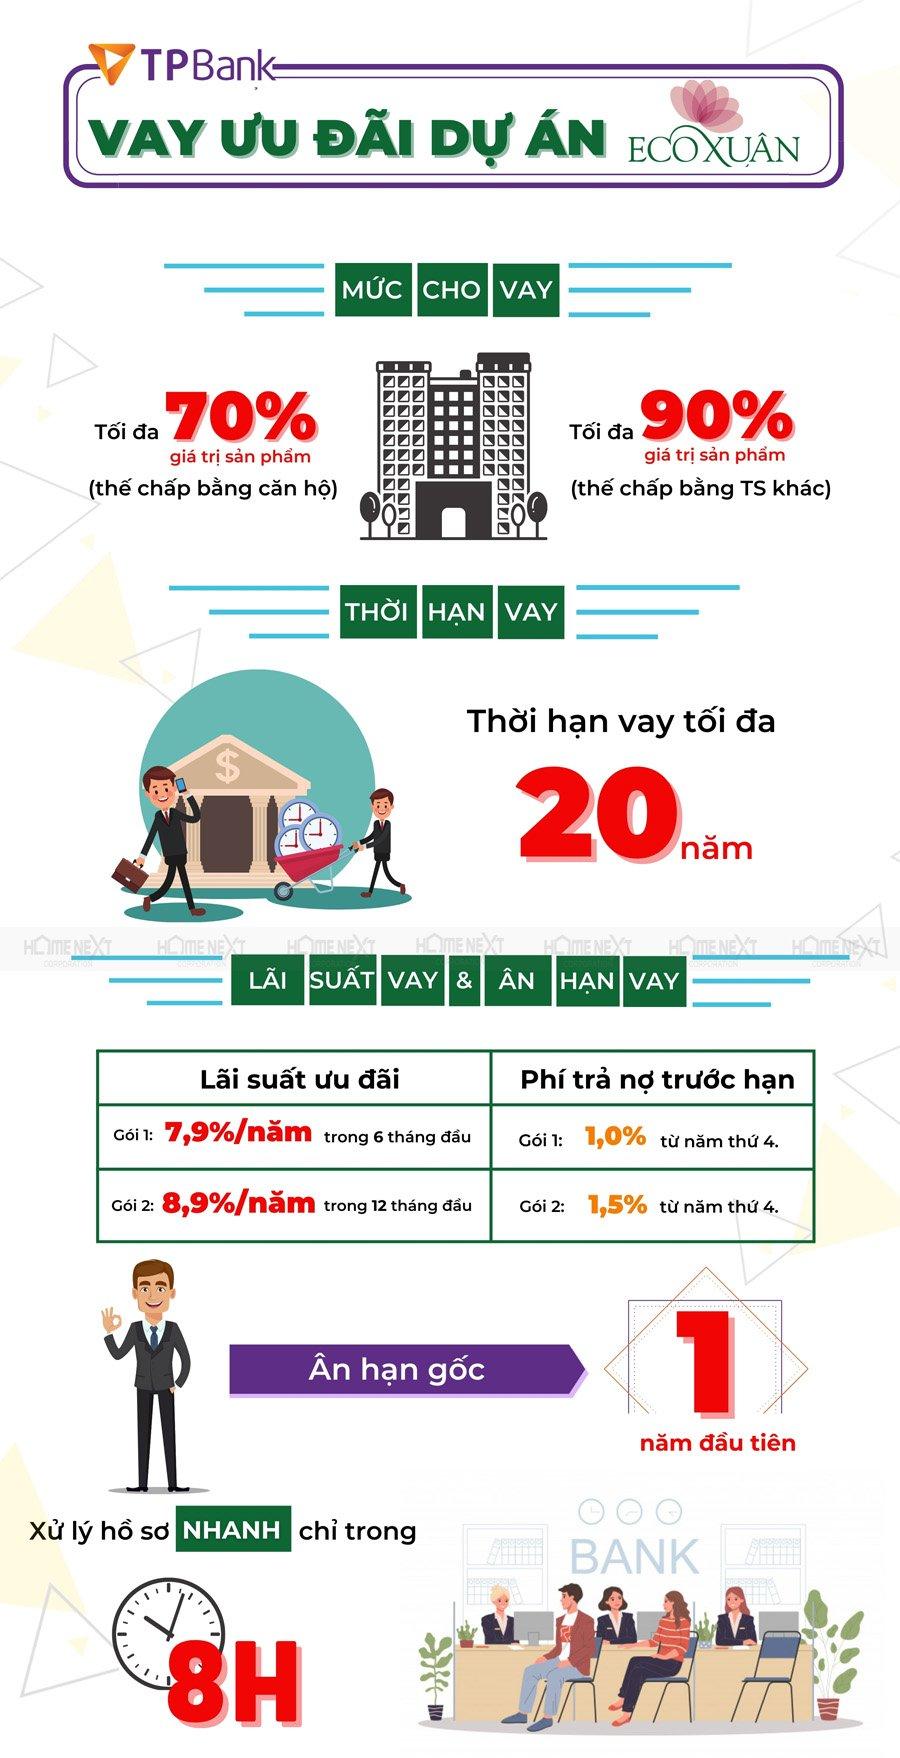 Ngân hàng TP Bank hỗ trợ vay vốn dành riêng cho khách hàng mua Eco Xuân Block C